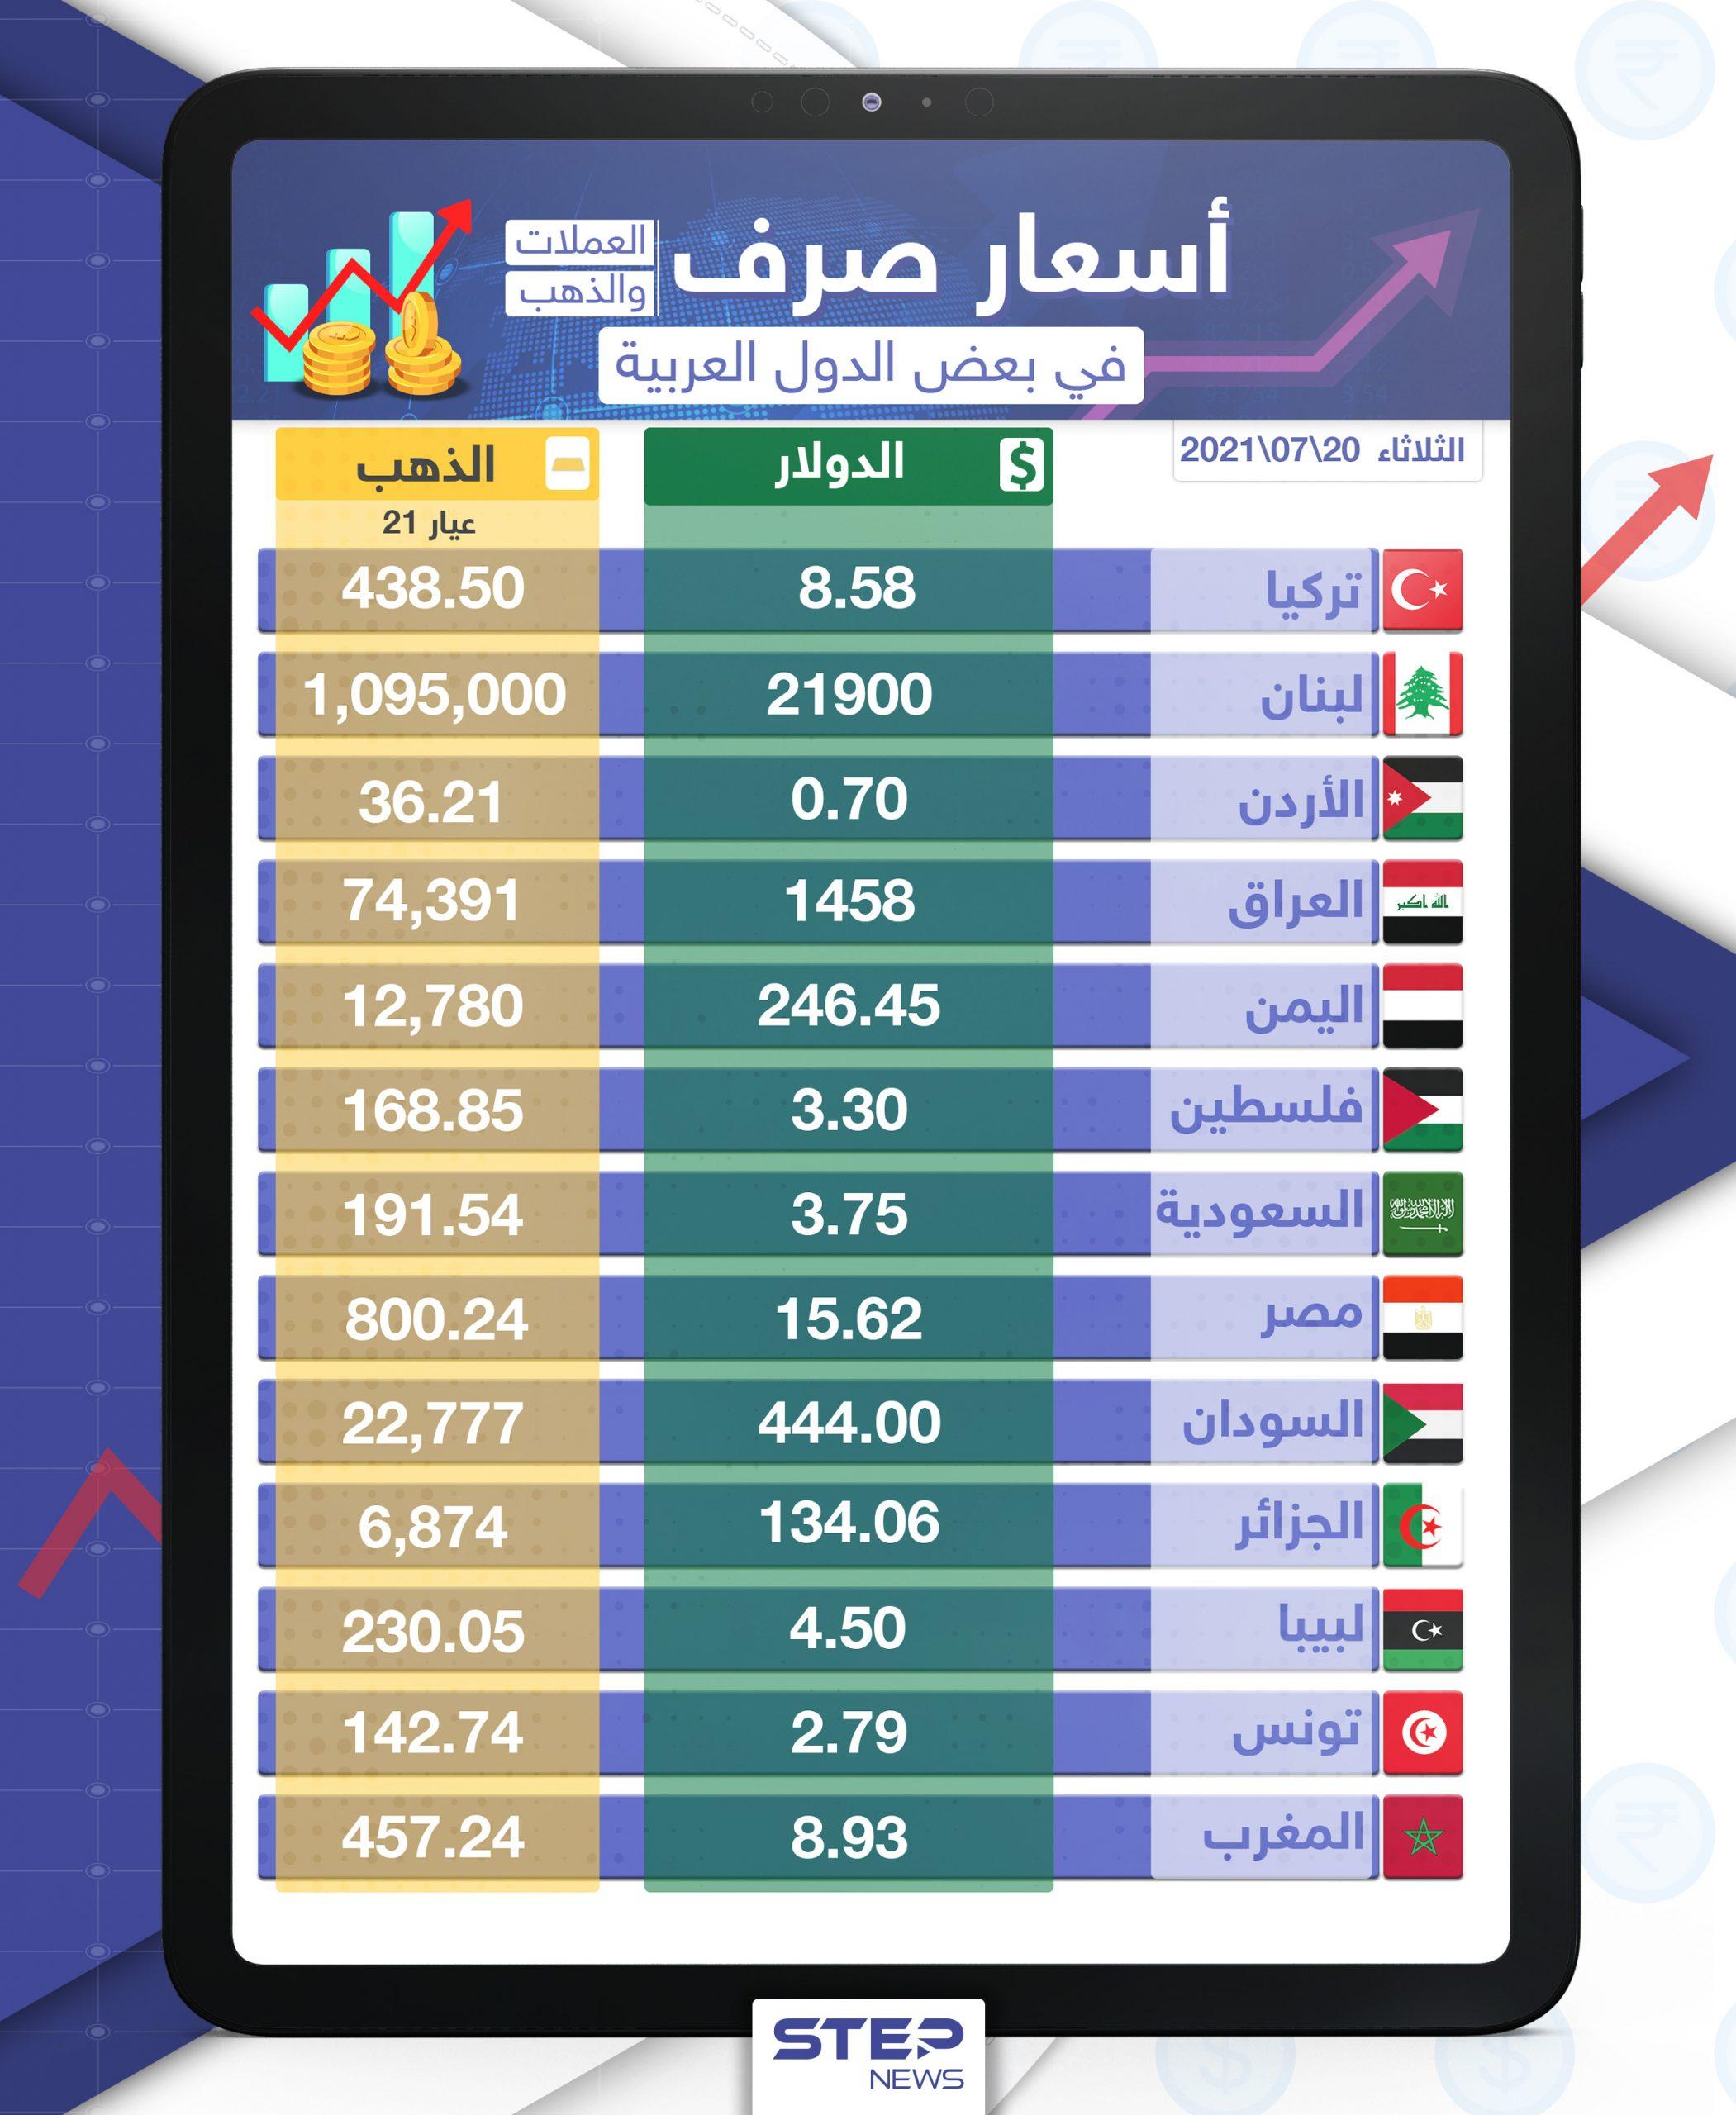 أسعار الذهب والعملات للدول العربية وتركيا اليوم الثلاثاء الموافق 20 تموز 2021